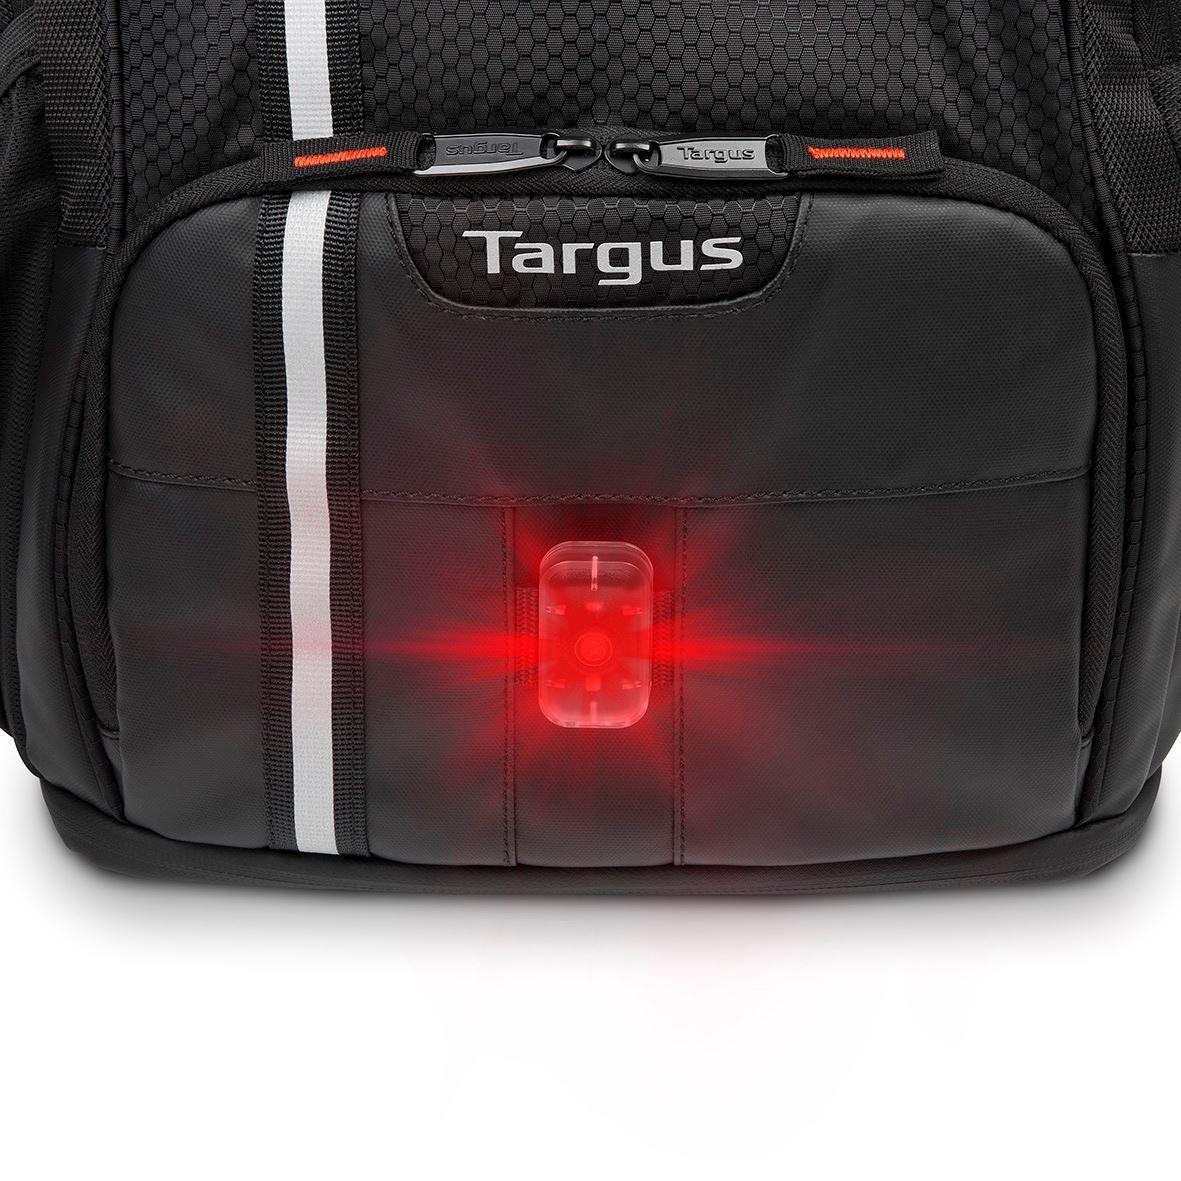 sac dos targus pourle cyclisme et ordinateur portable 15 6 noir. Black Bedroom Furniture Sets. Home Design Ideas